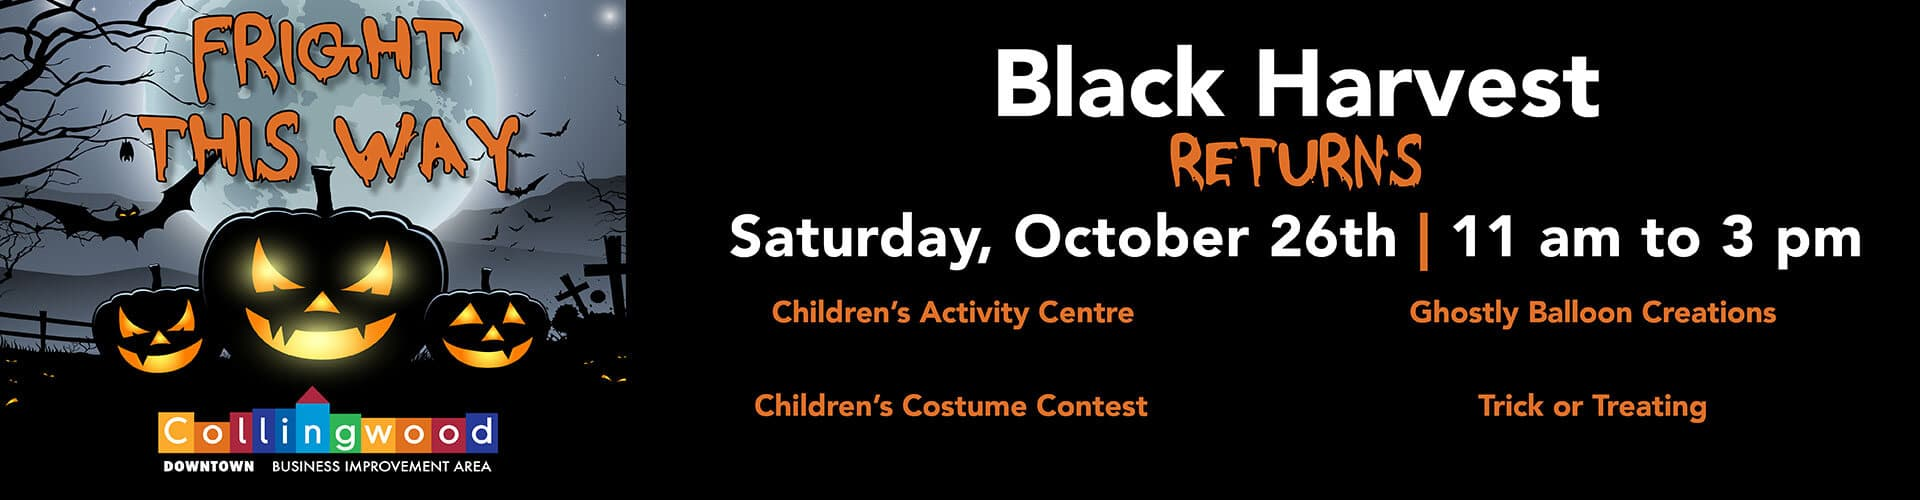 Black Harvest Festival